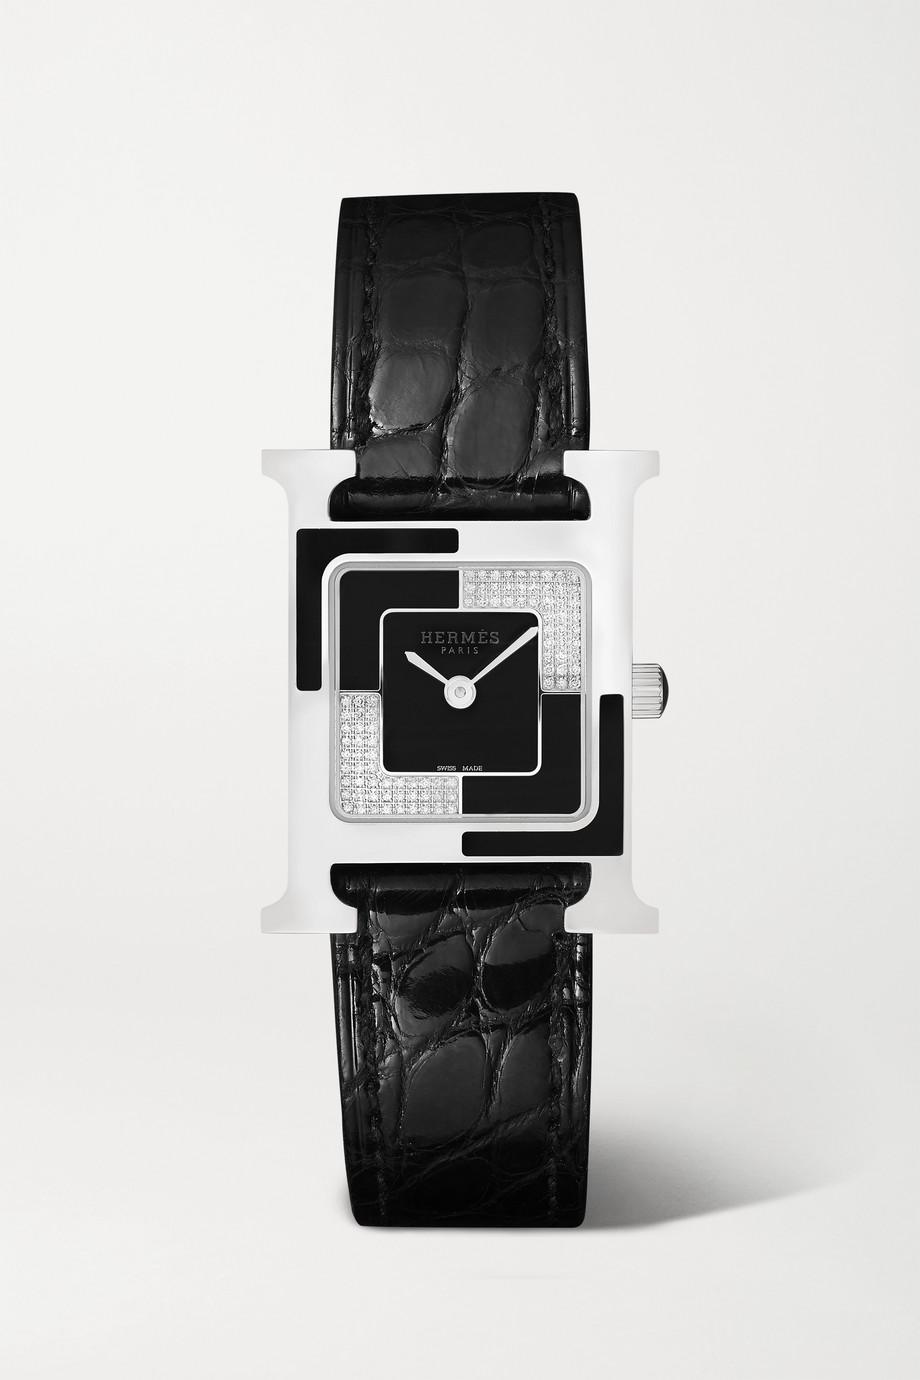 Hermès Timepieces Montre en acier inoxydable laqué et diamants à bracelet en alligator Heure H Au Carré 21 mm